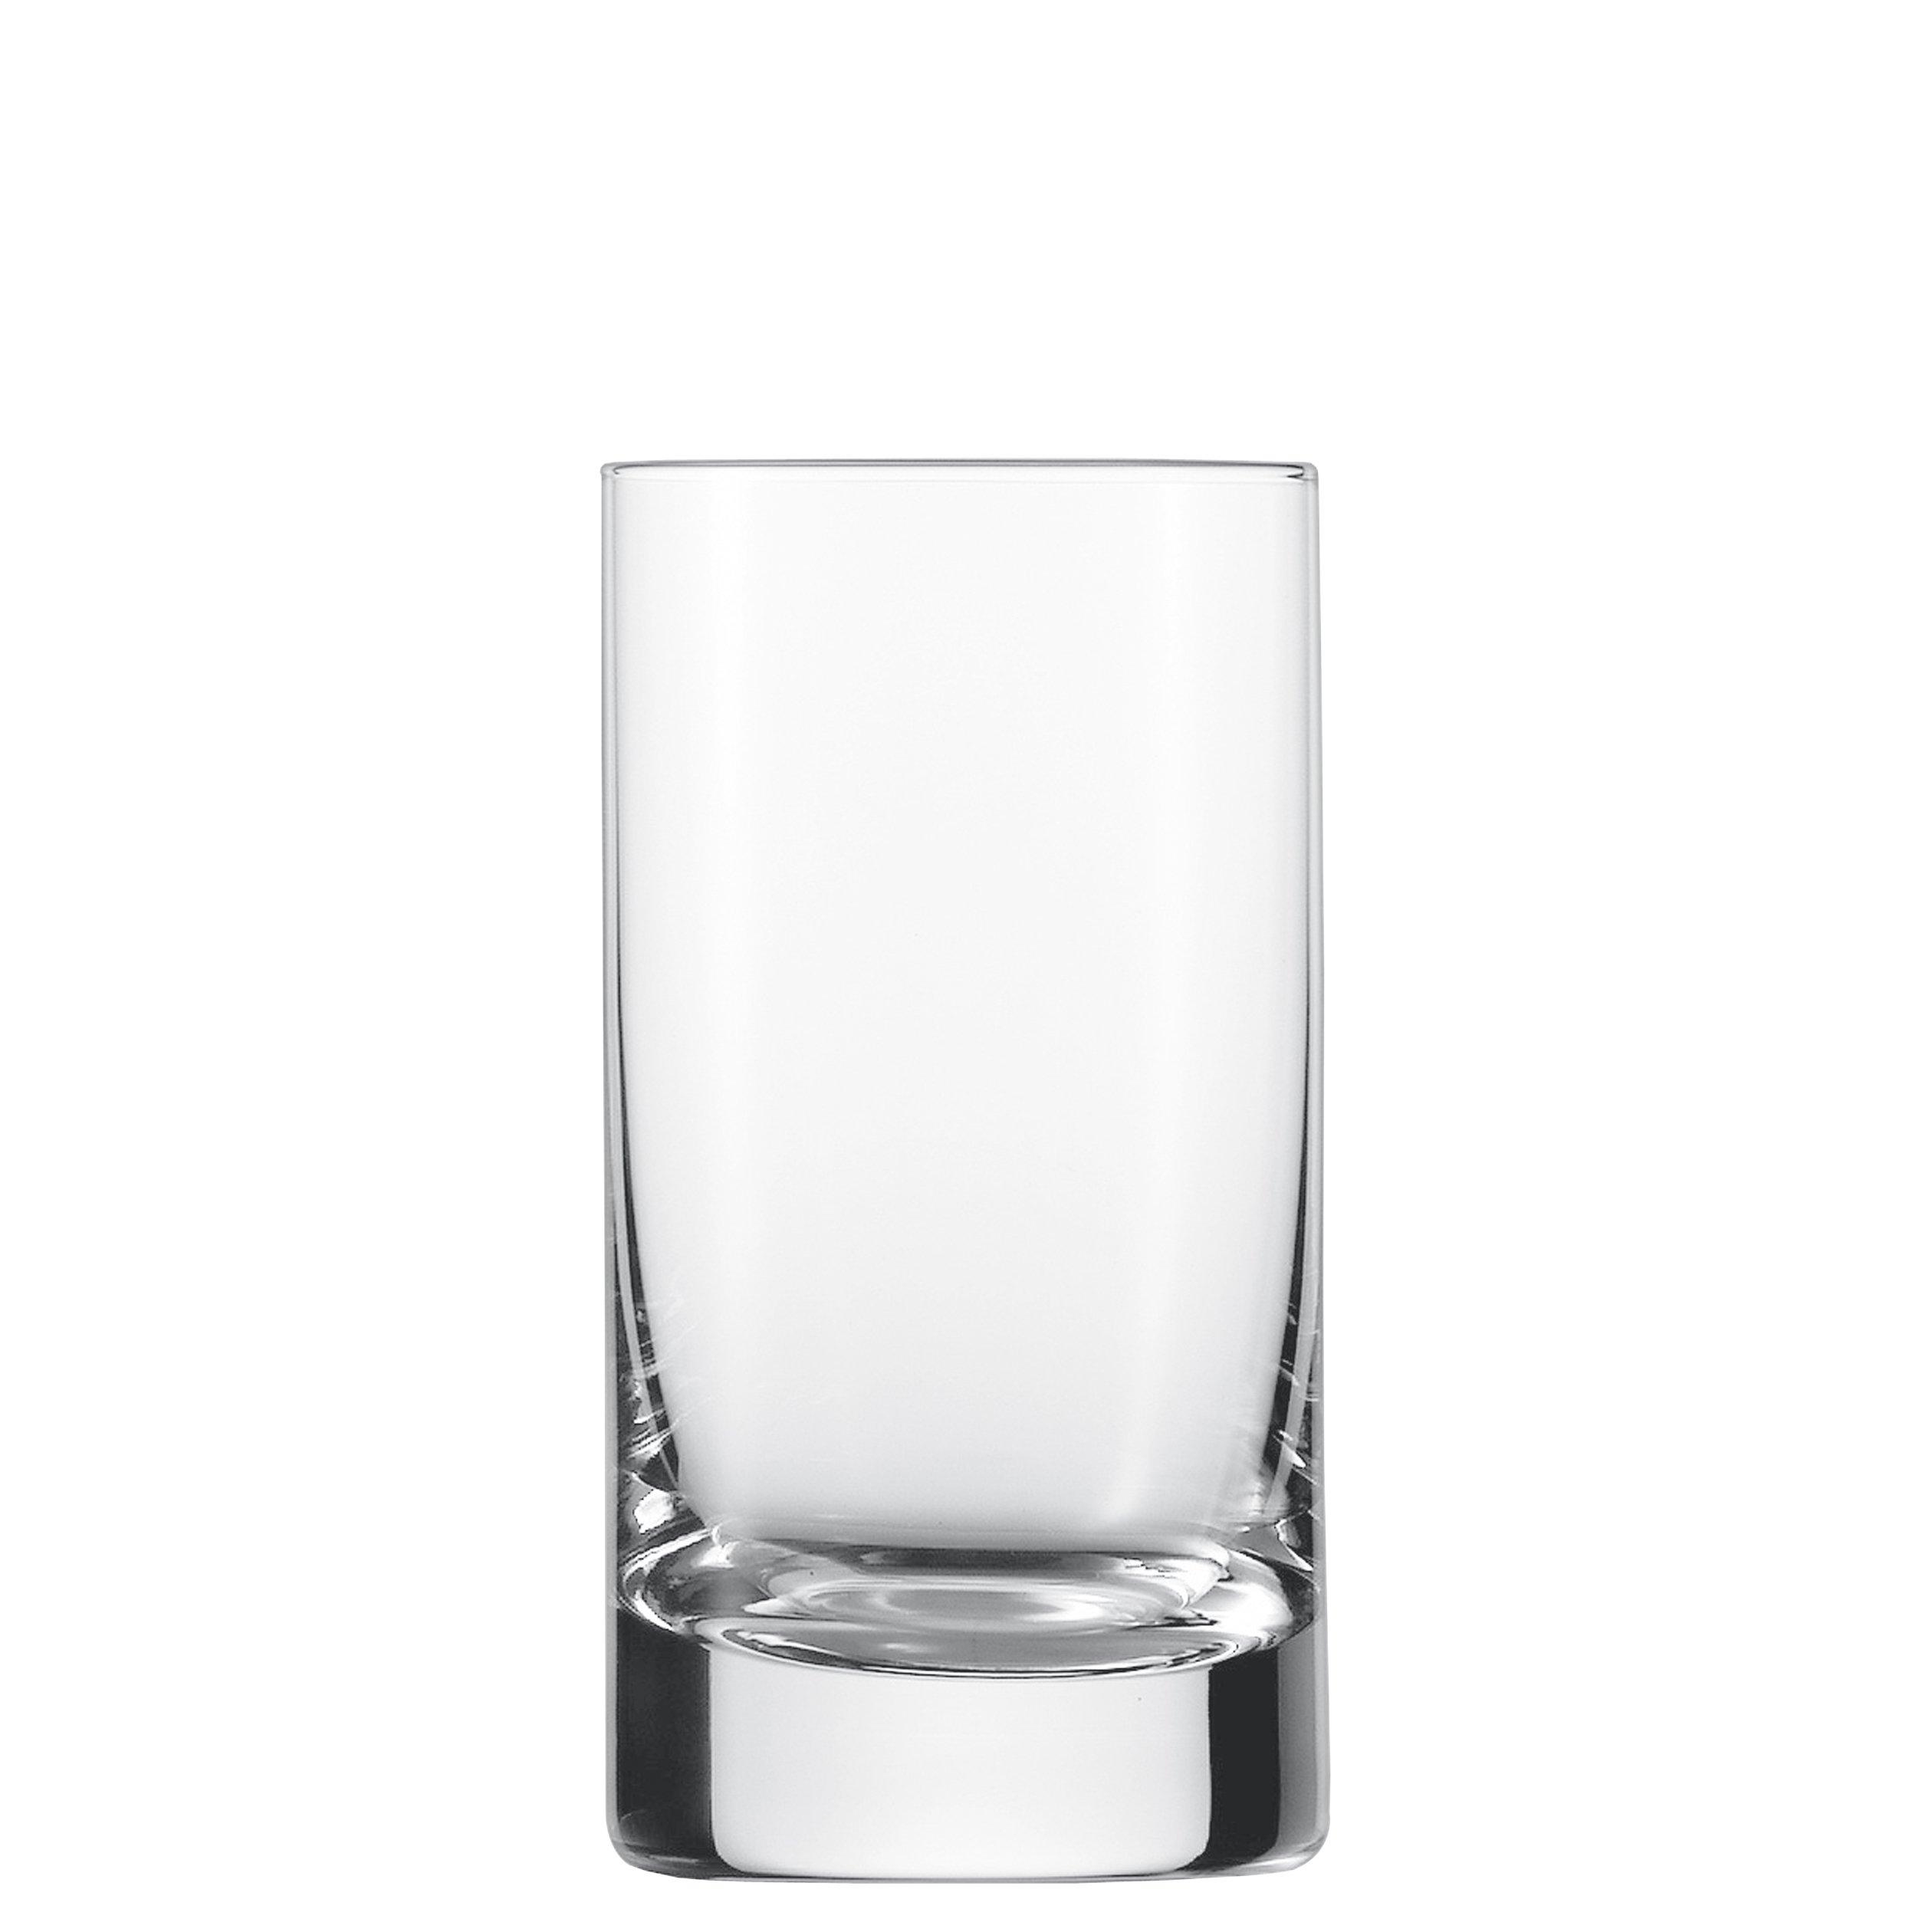 Schott Zwiesel Tritan Crystal Glass Paris Barware Collection Highball Cocktail Glass, 8.1-Ounce, Set of 6 by Schott Zwiesel